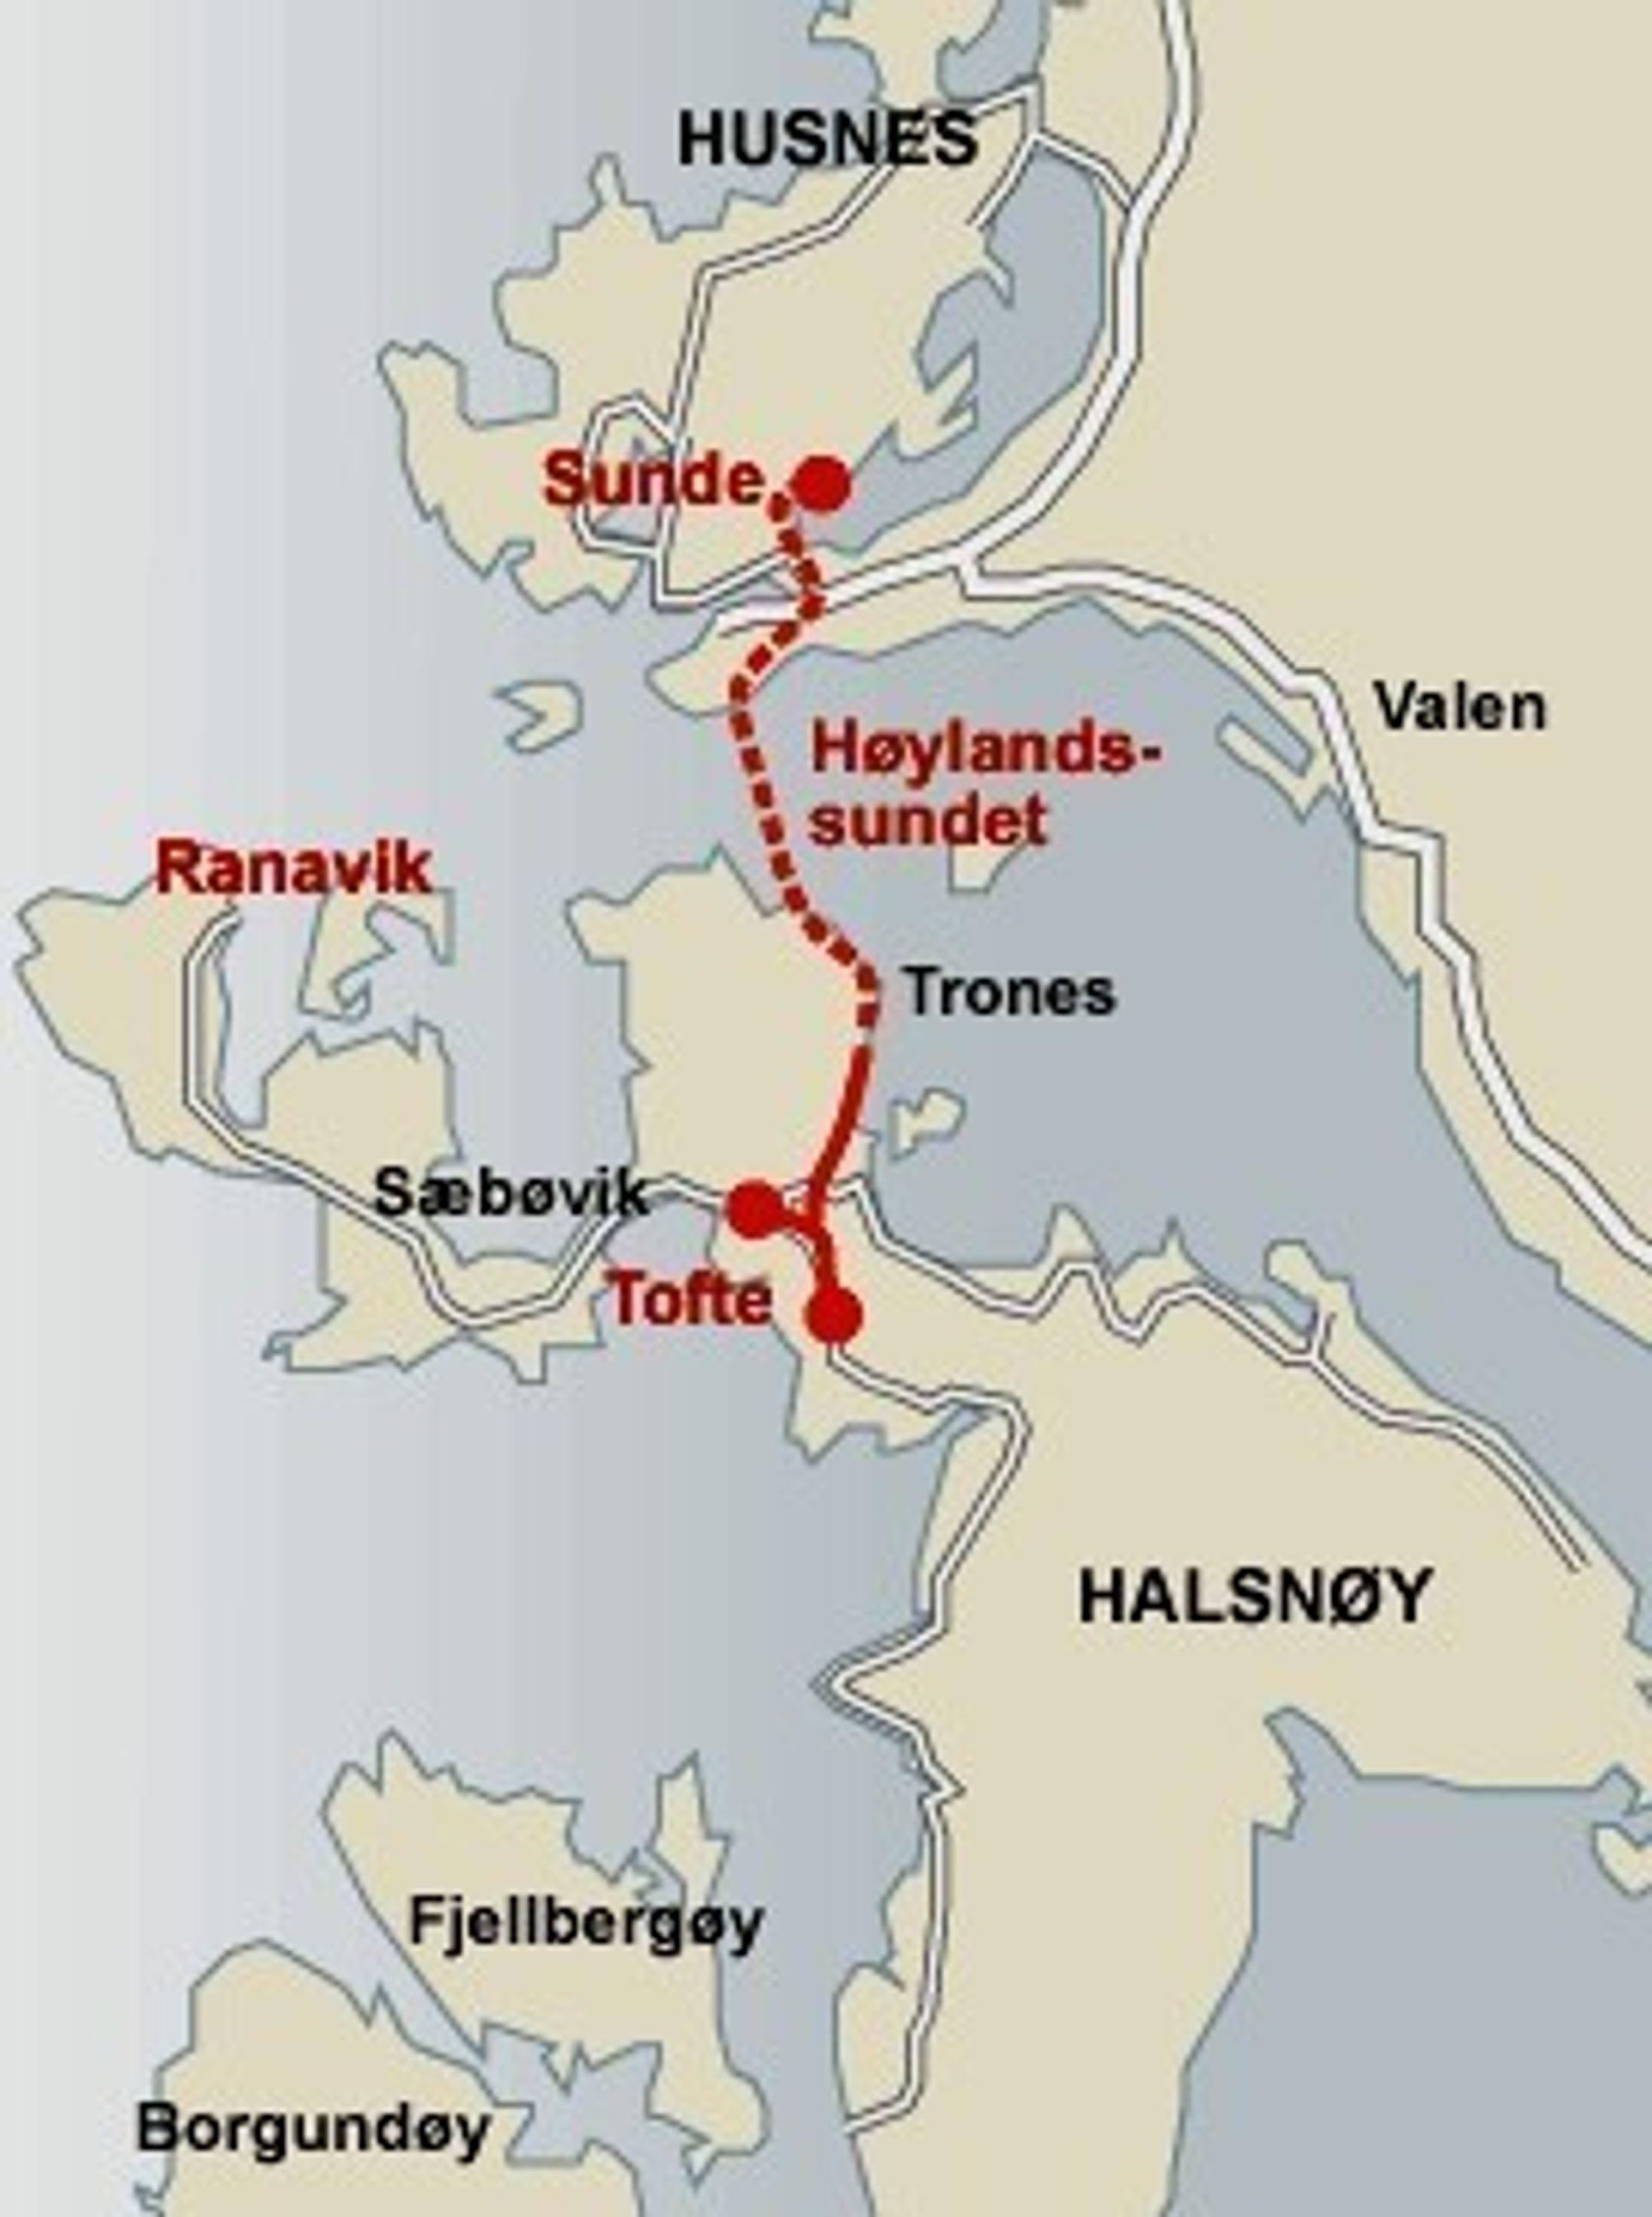 Halsnøytunnelen skulle egentlig åpnes sommeren neste år, men prosjektet er forsert og blir klart for bruk allerede i februar neste år. (Ill.: Statens Vegvesen)